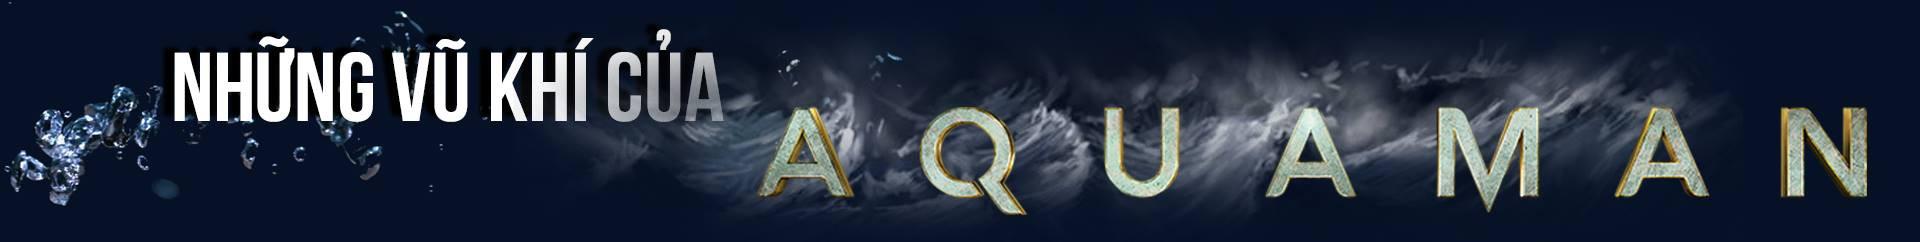 Thất Hải Chi Vương Aquaman: Hành trình từ chàng thanh niên bị coi thường tới Bá chủ biển cả - Ảnh 19.